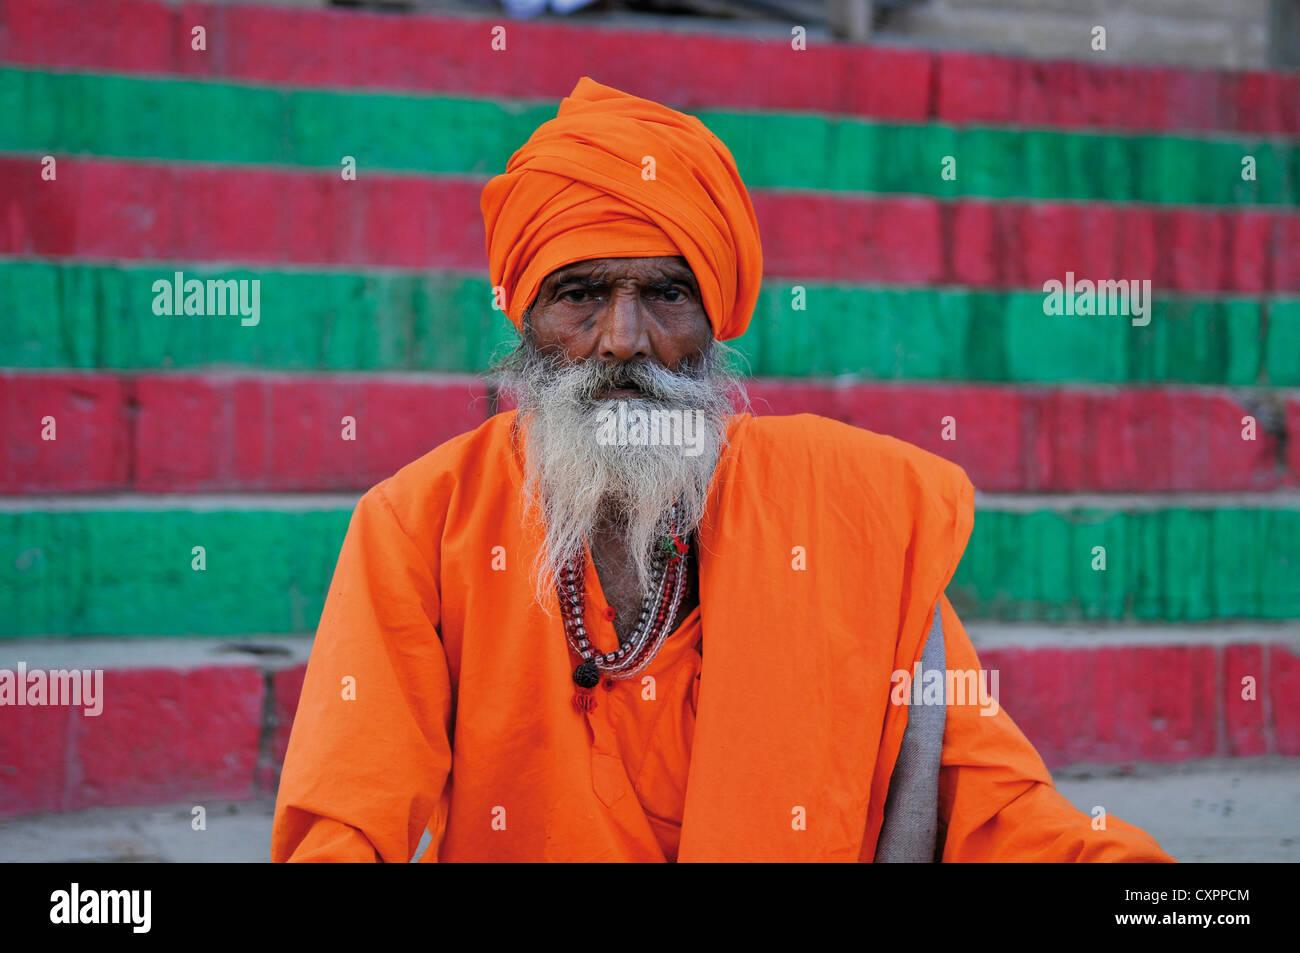 Asia India Uttar Pradesh Varanasi retrato de un sadhu o asceta Imagen De Stock